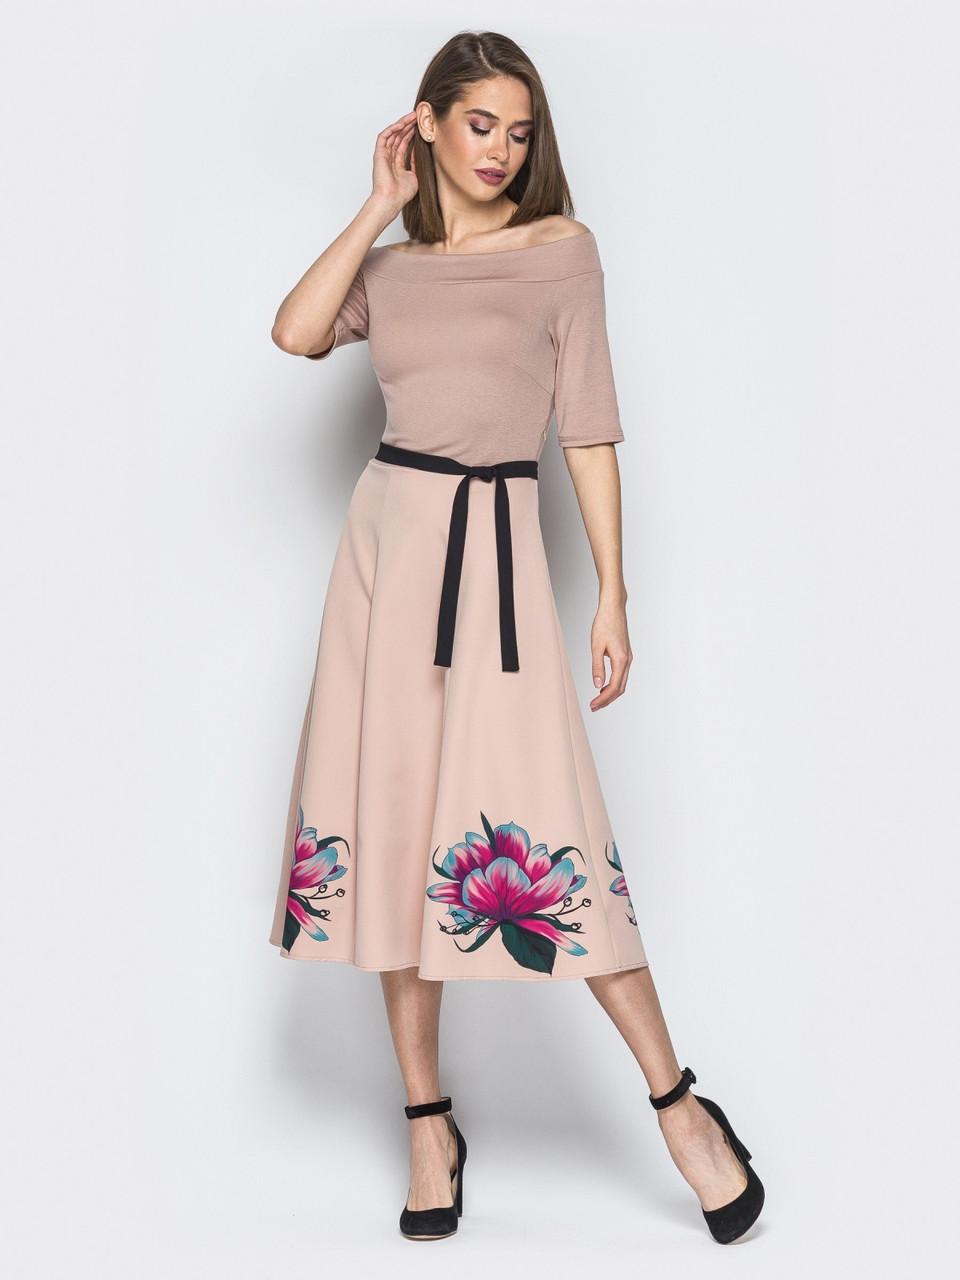 76705ec8aab Стильное женское платье в пастельных тонах р.44